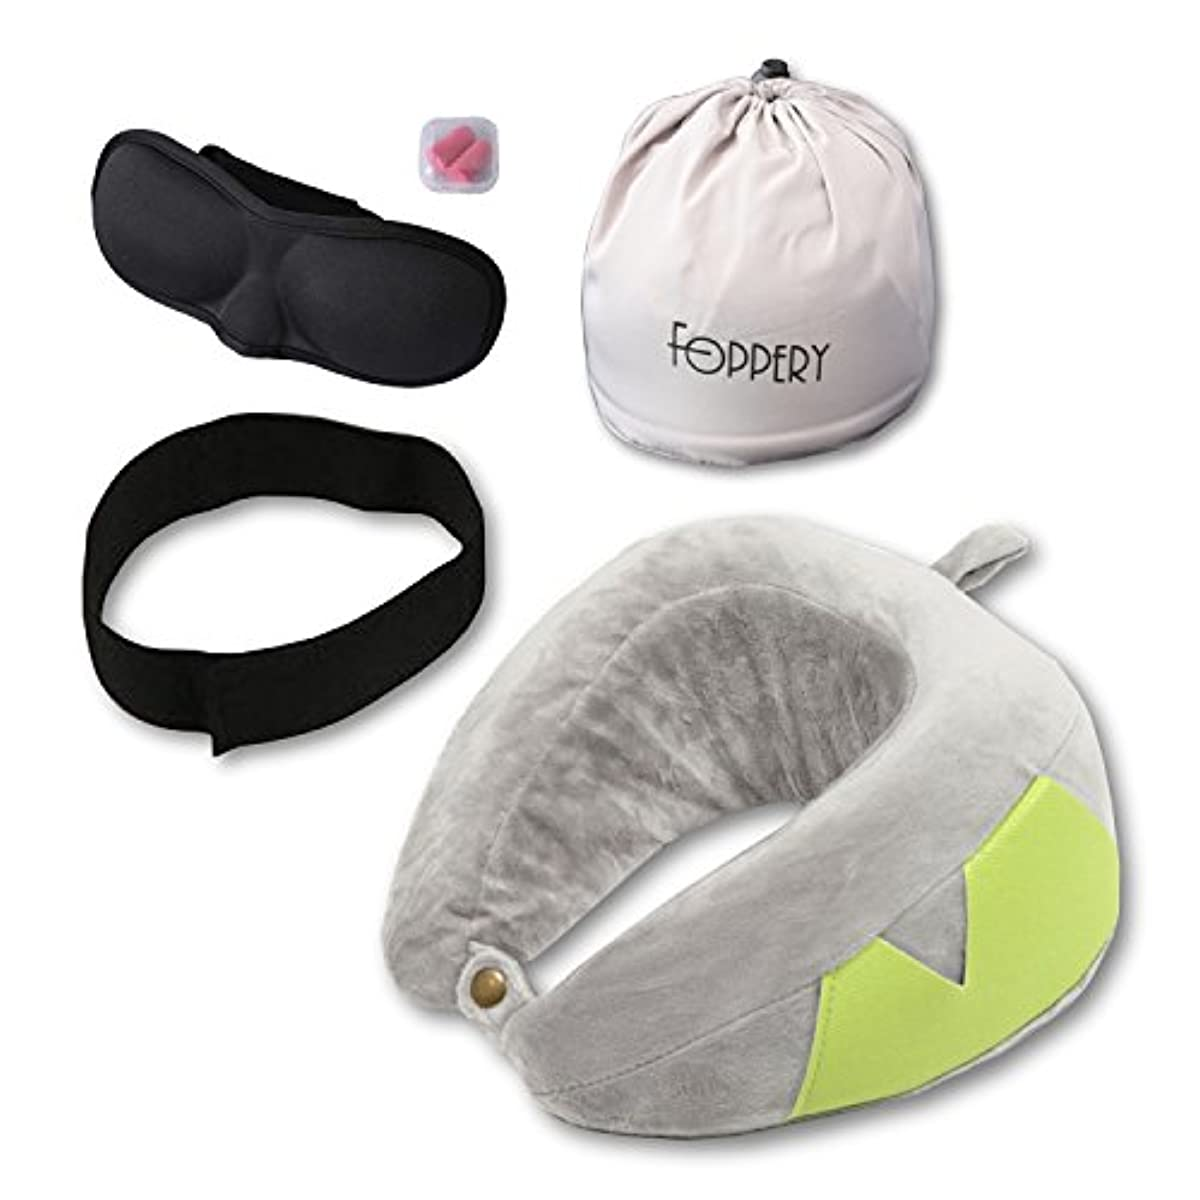 [해외] 훠 파리 FOPPERY 넥 pillow 수베개 기분이 상쾌하 저 반발 콤팩트 손바닥 사이즈 슈트 케이스 설치 가능 운반에 편리려 베개